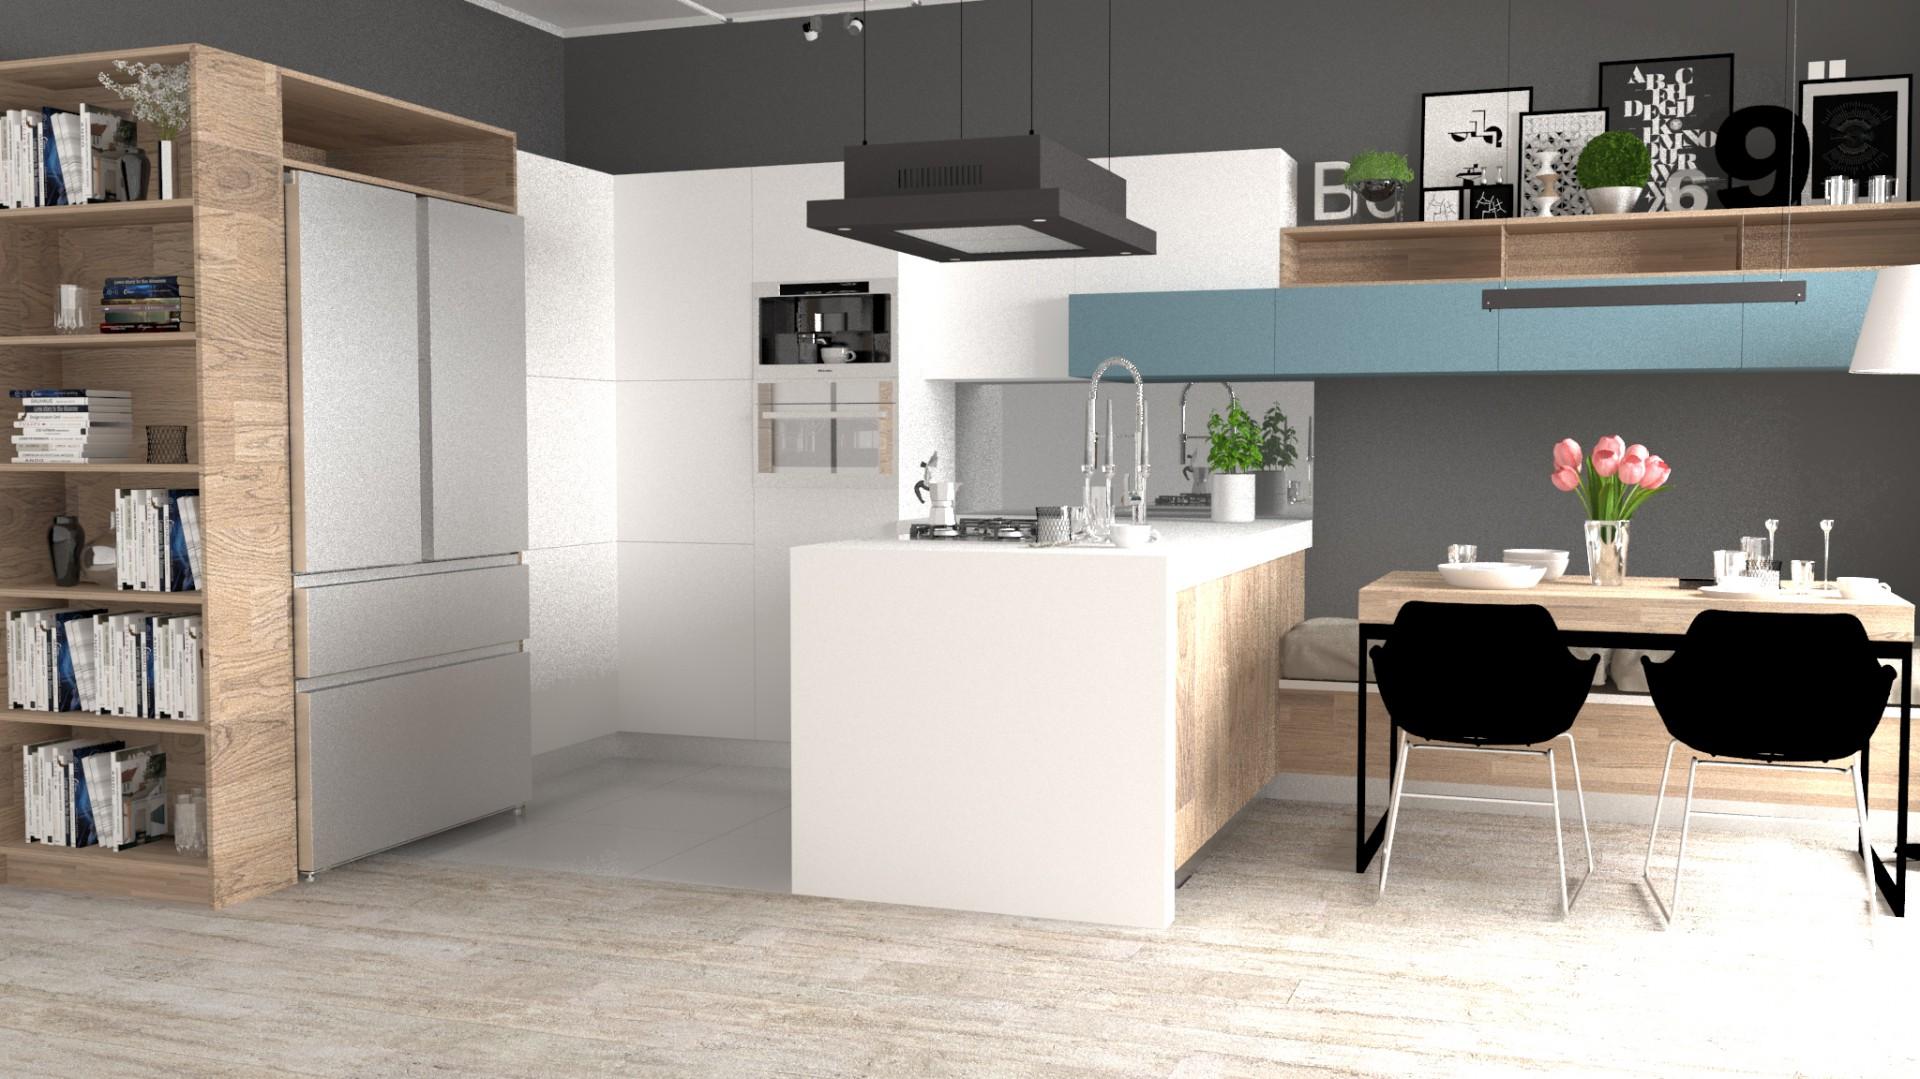 Kuchnia z duża lodówką. Fot. Progetti/Haier